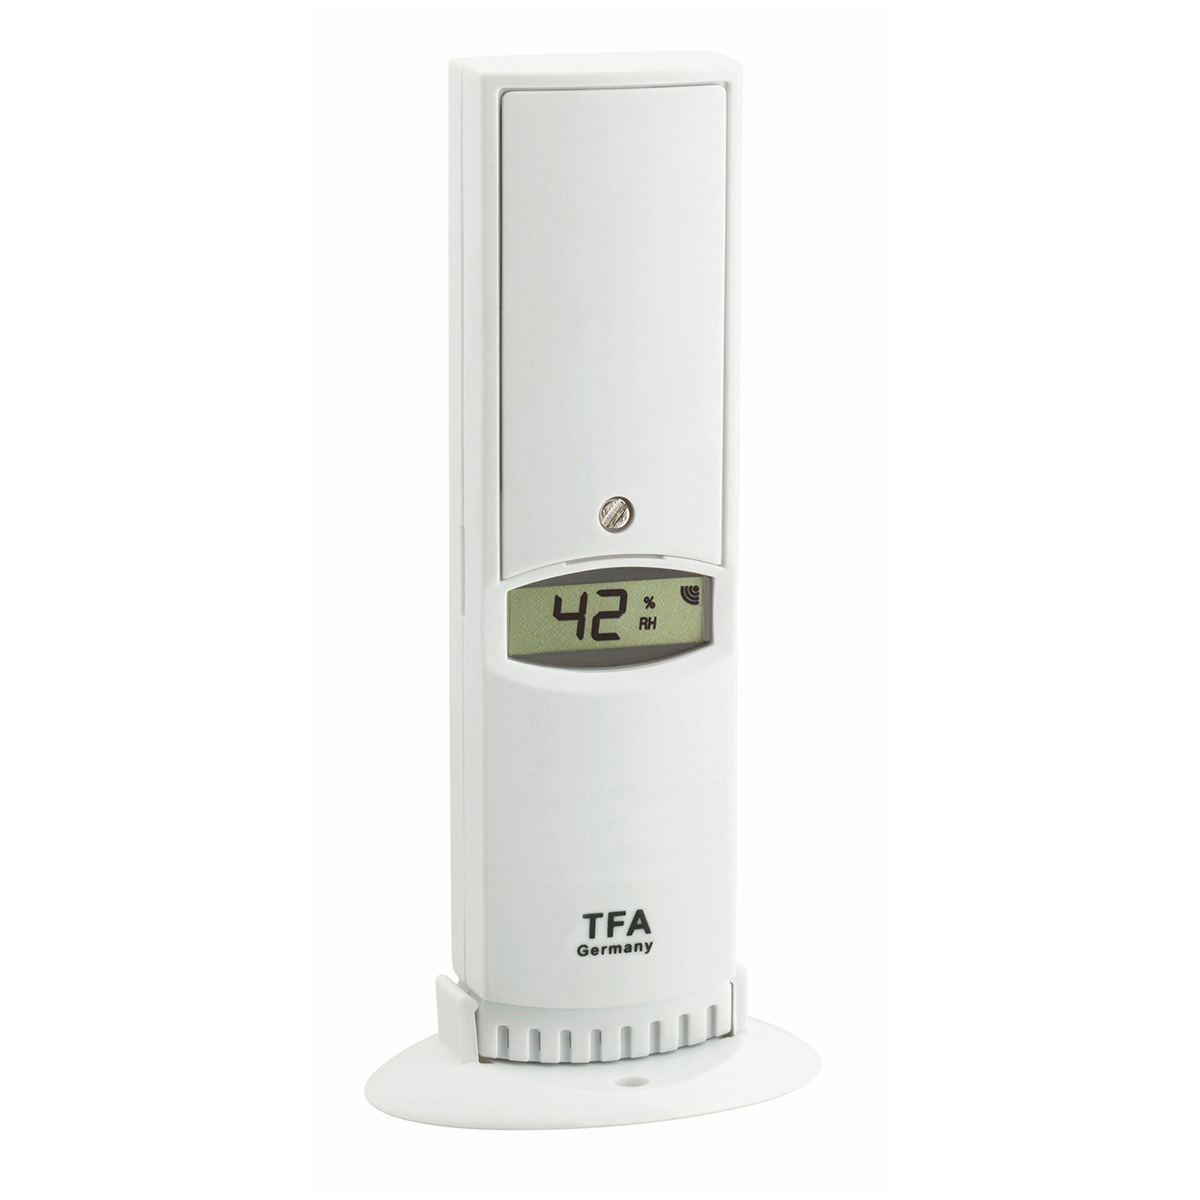 31-4012-02-starter-set-mit-thermo-hygrosender-weatherhub-observer-sender1-1200x1200px.jpg